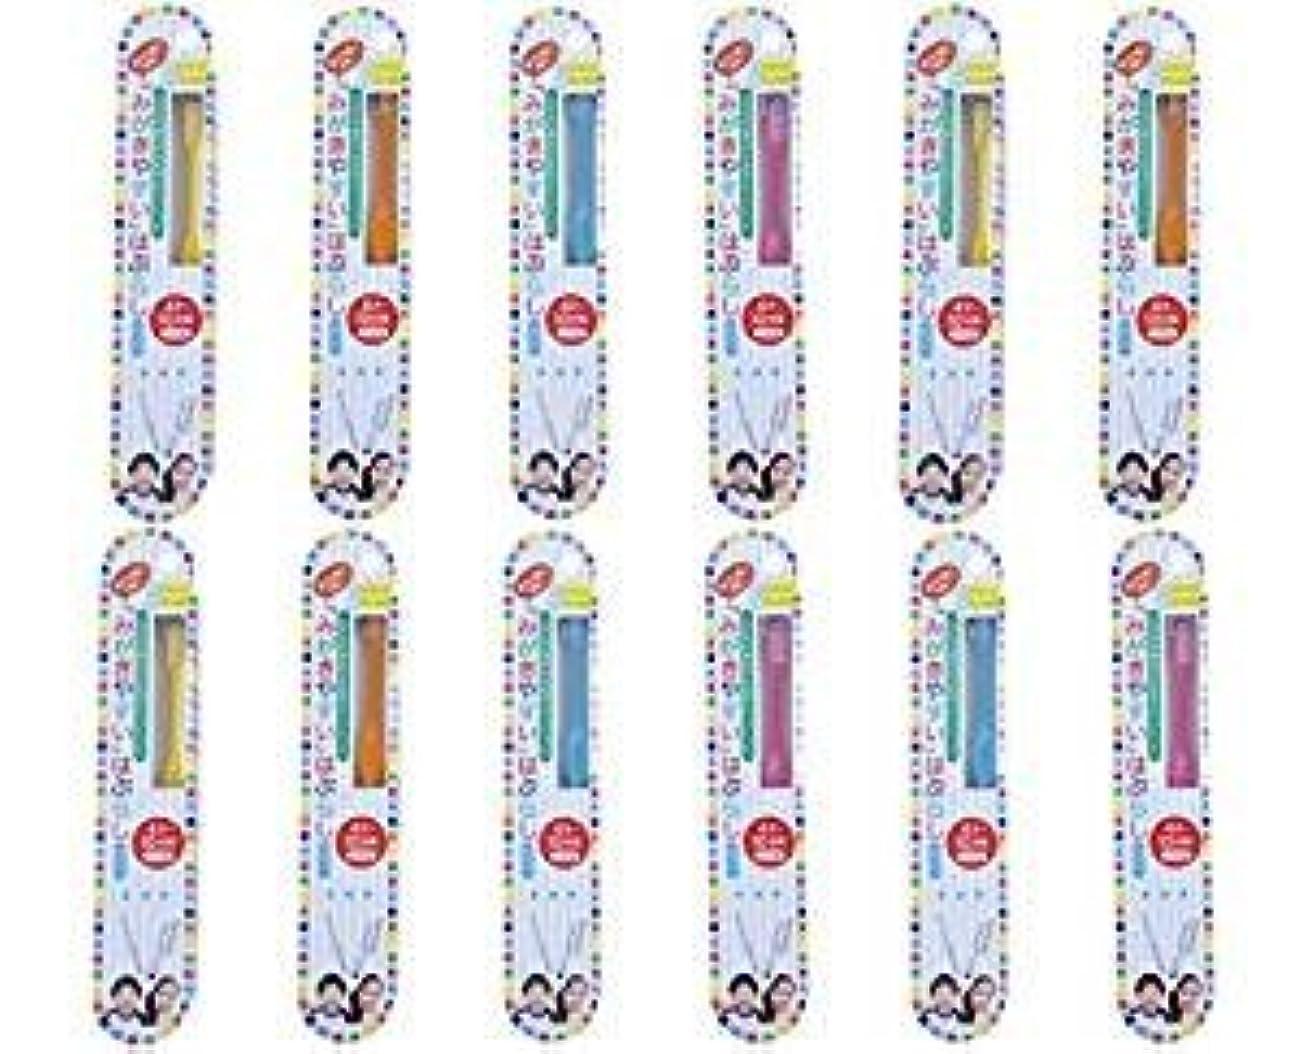 ボイコット政治家のさびた歯ブラシ職人田辺重吉 磨きやすい歯ブラシこども用 LT-10 (12本組)